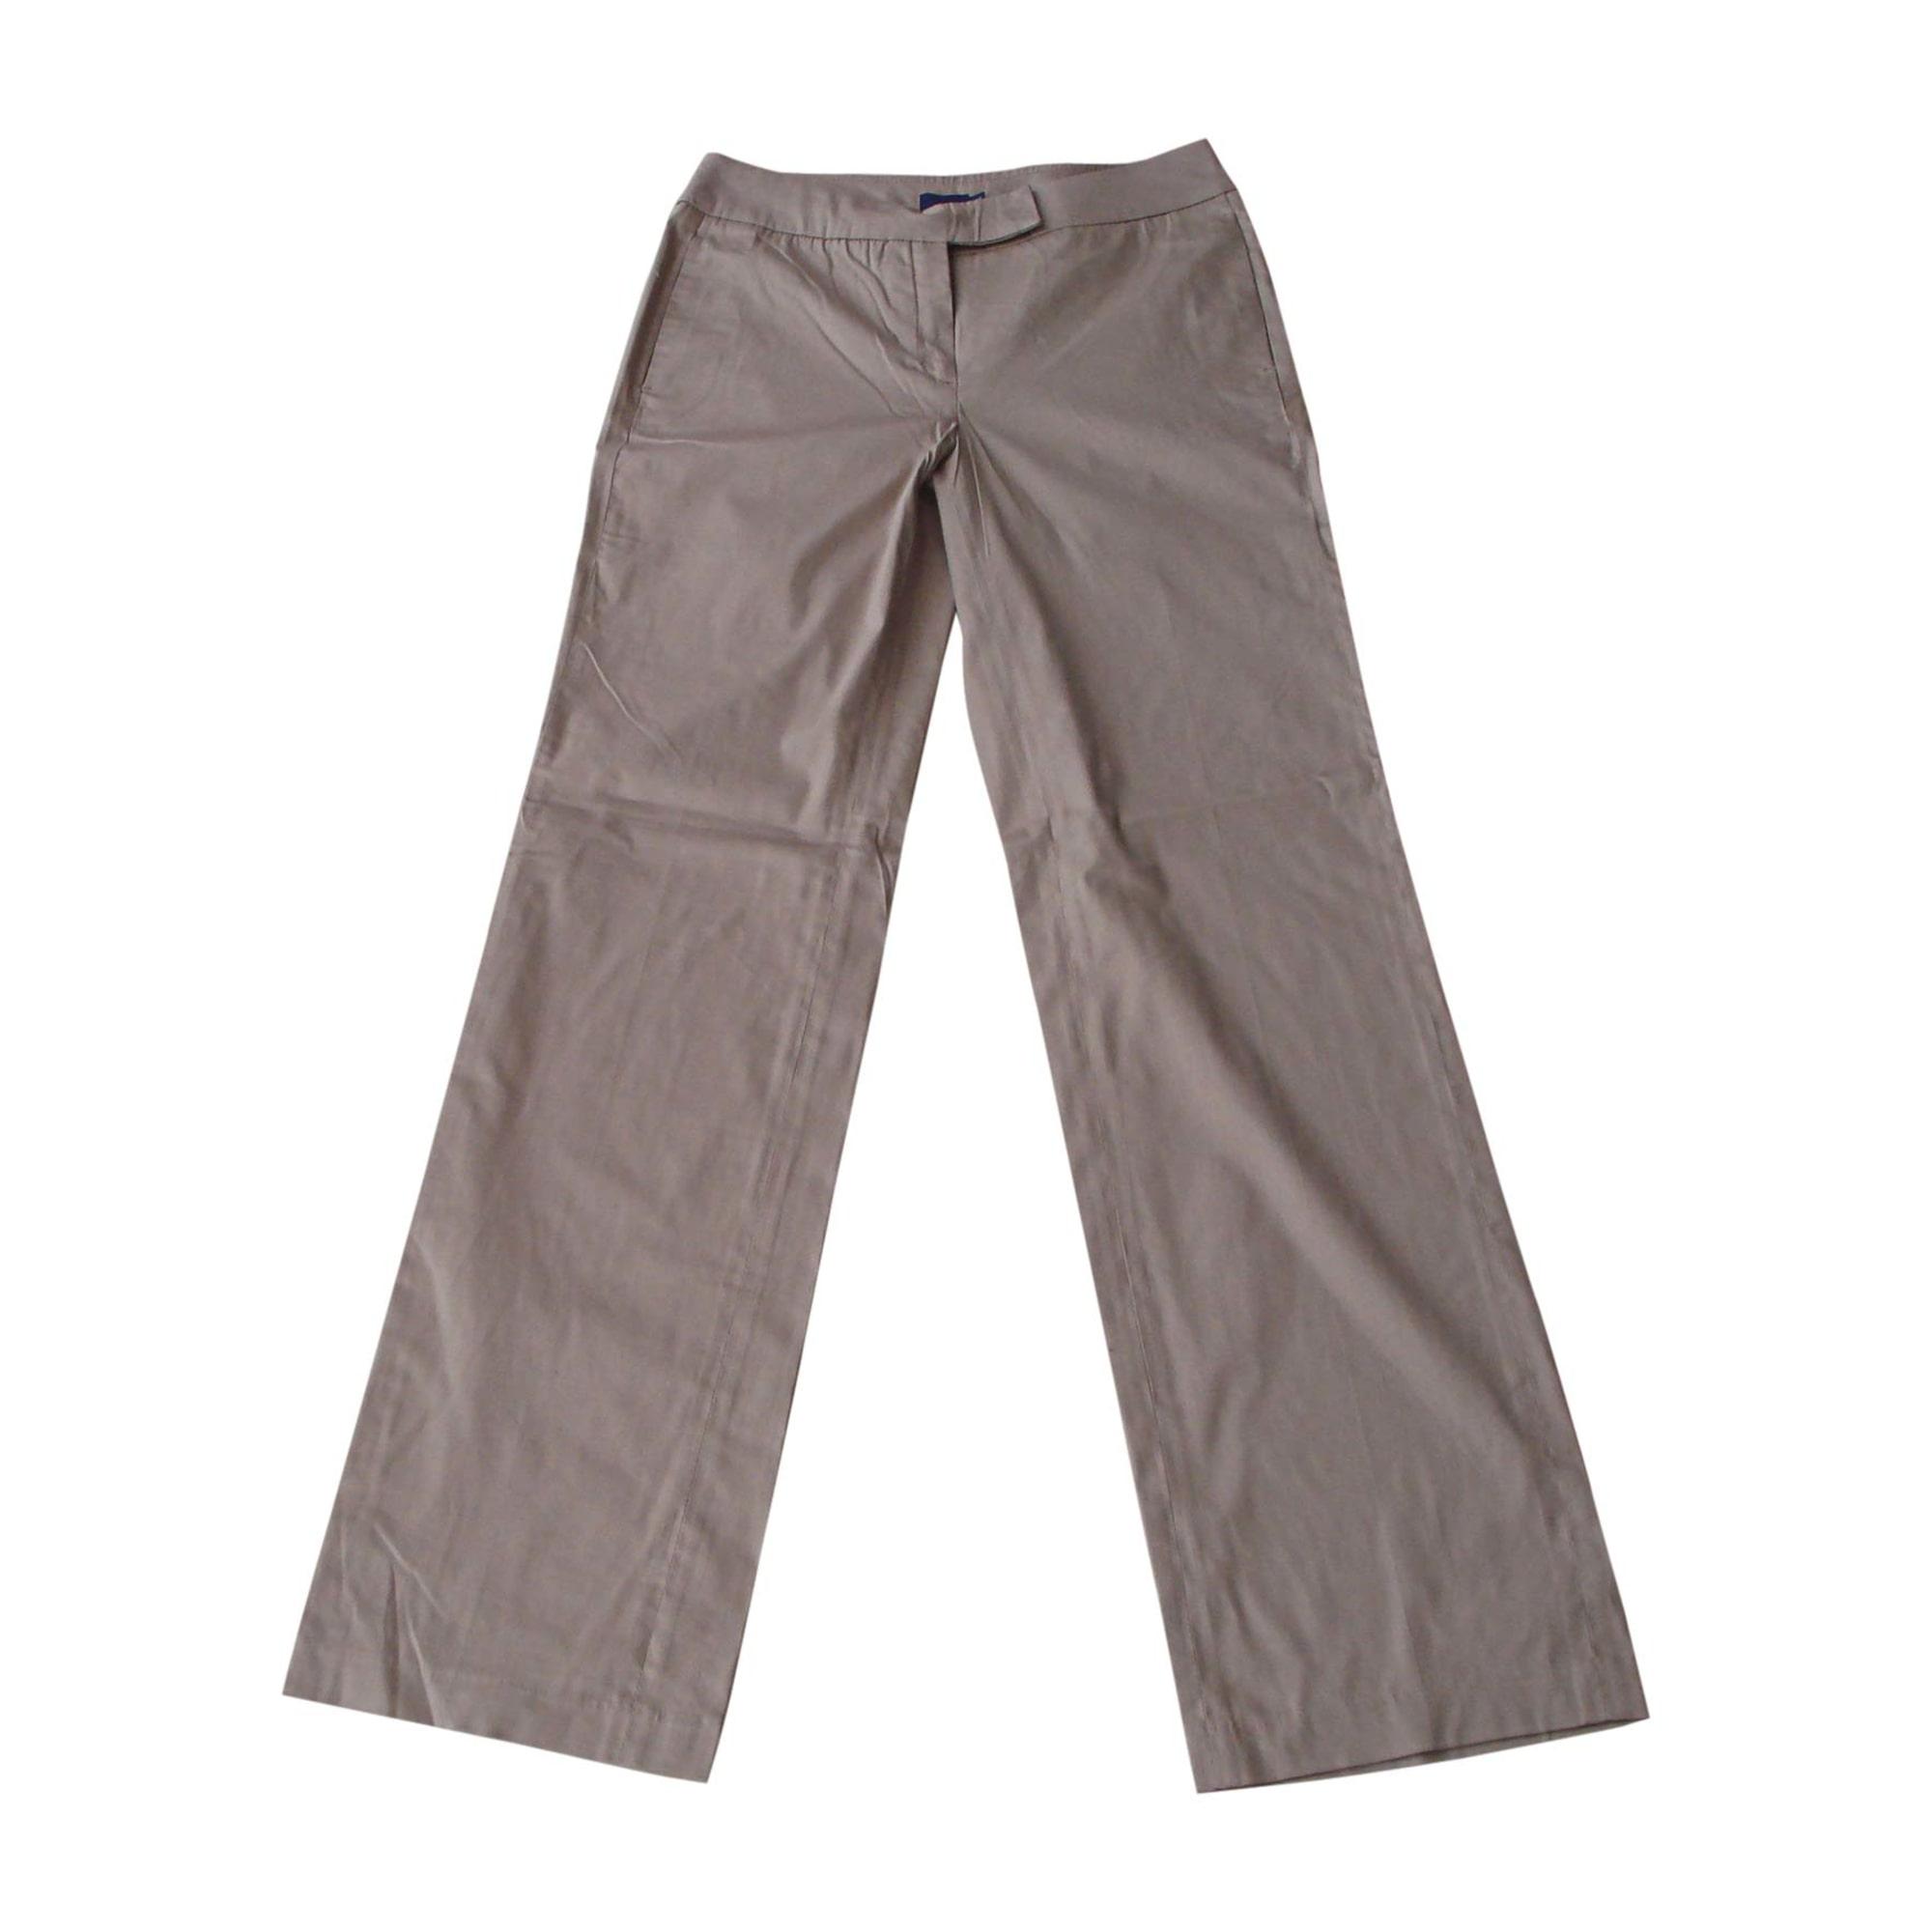 Pantalon droit MONCLER Beige, camel